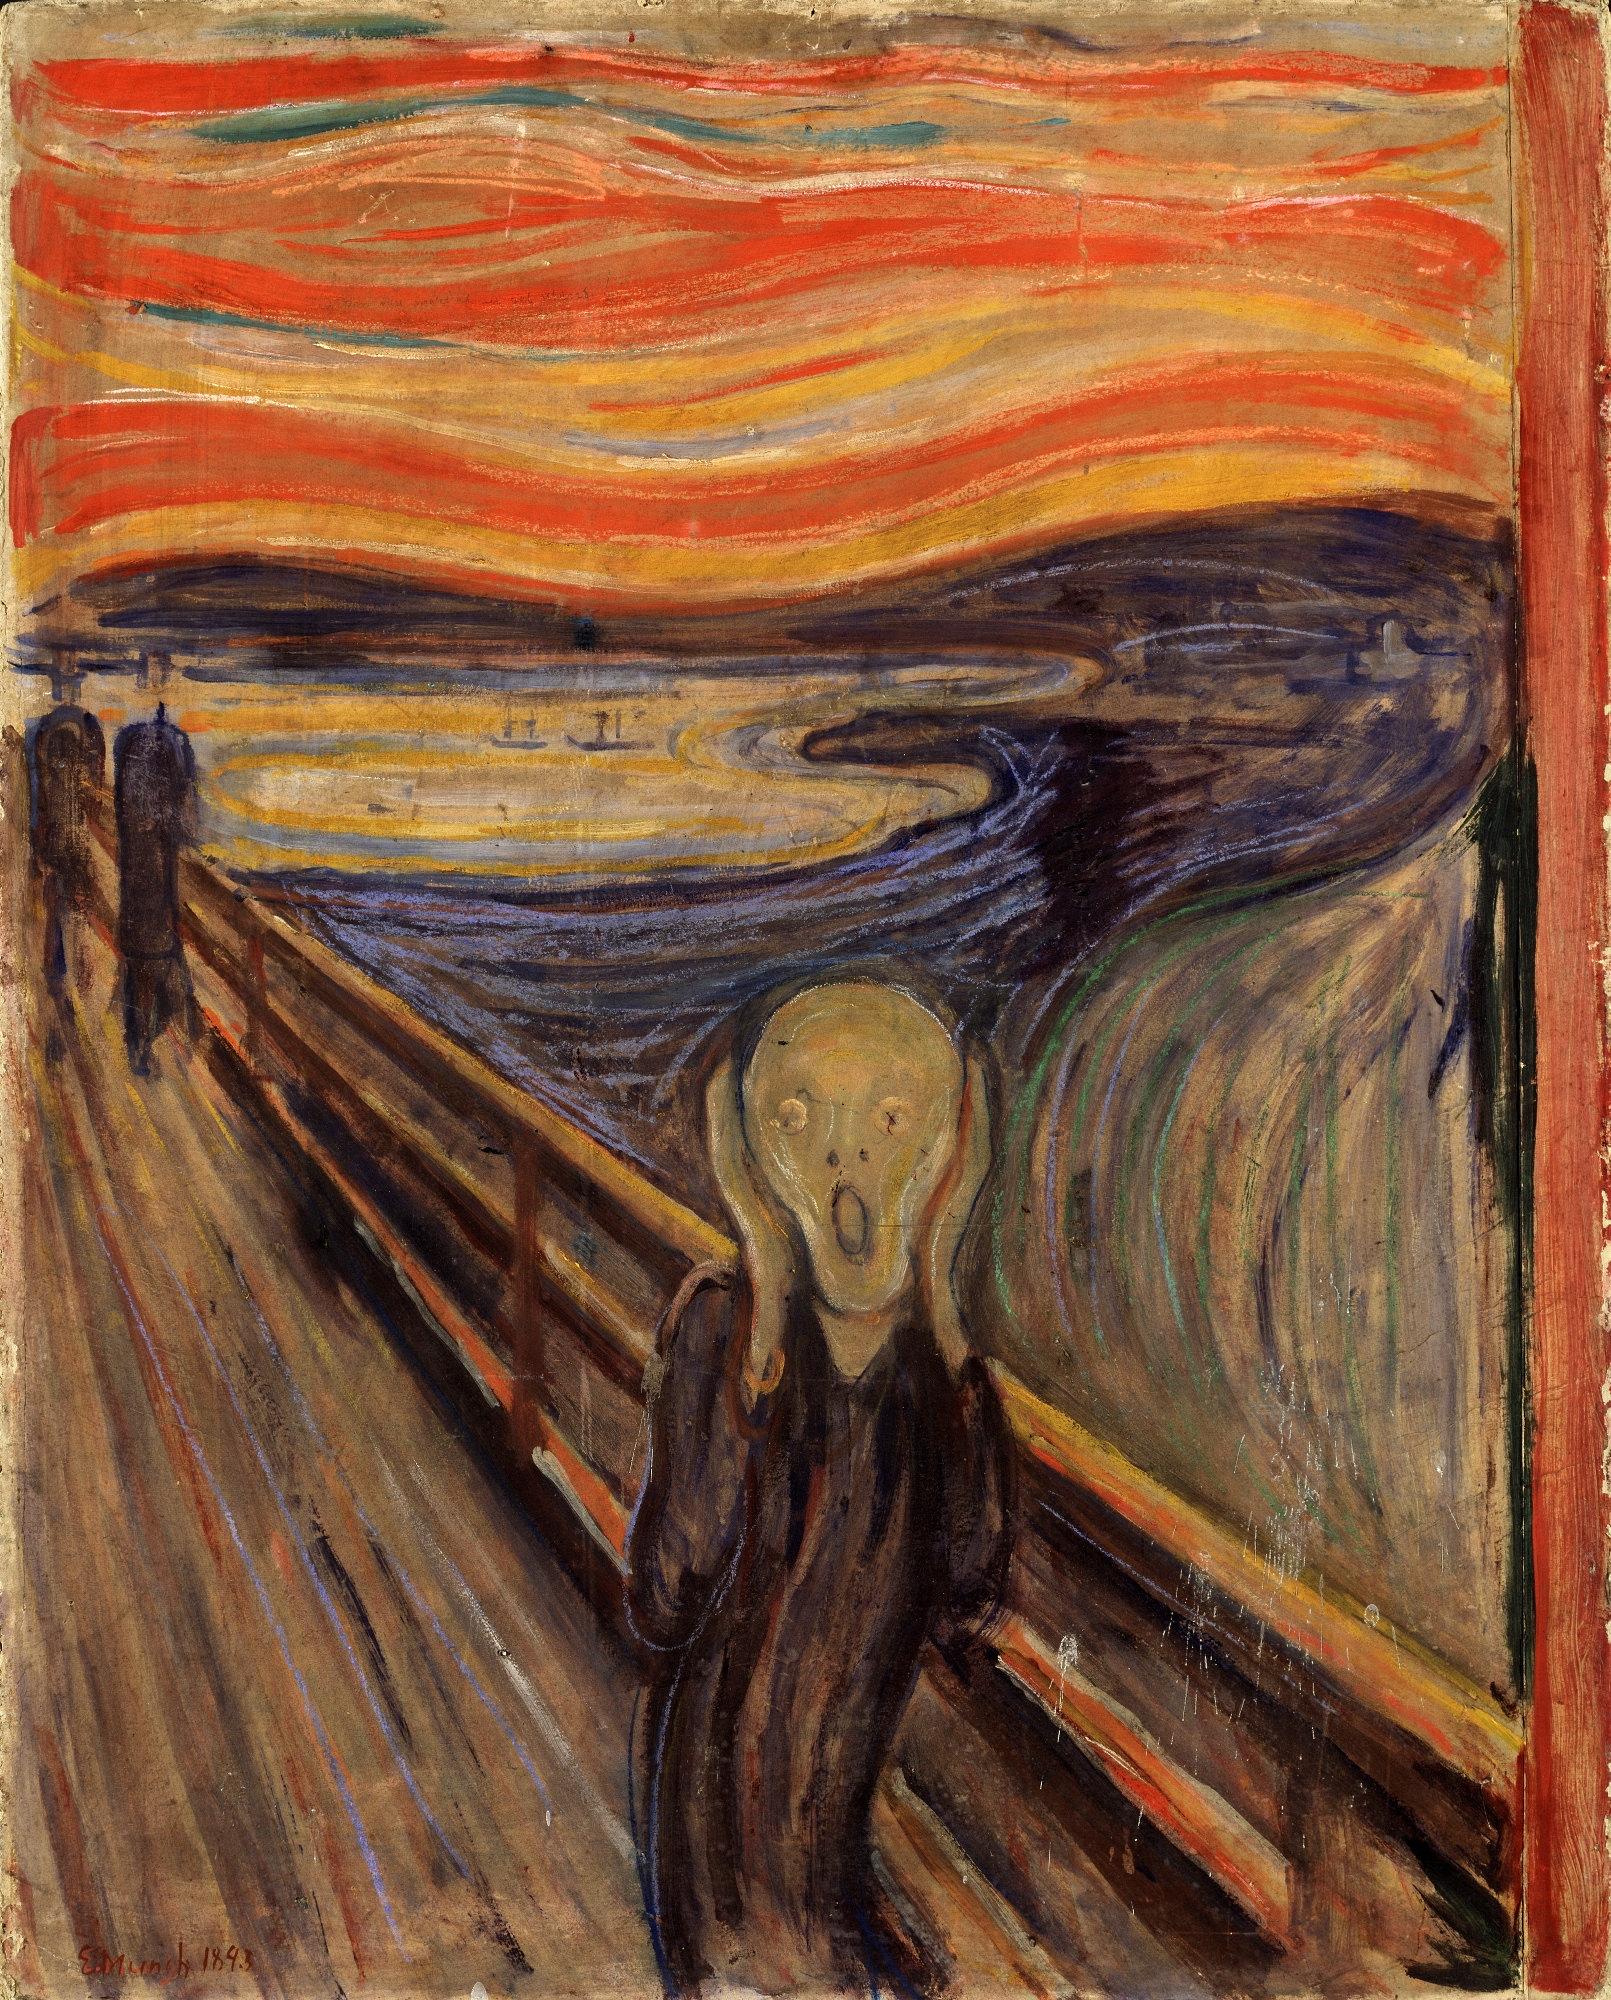 Expresionismo - El grito de Munch